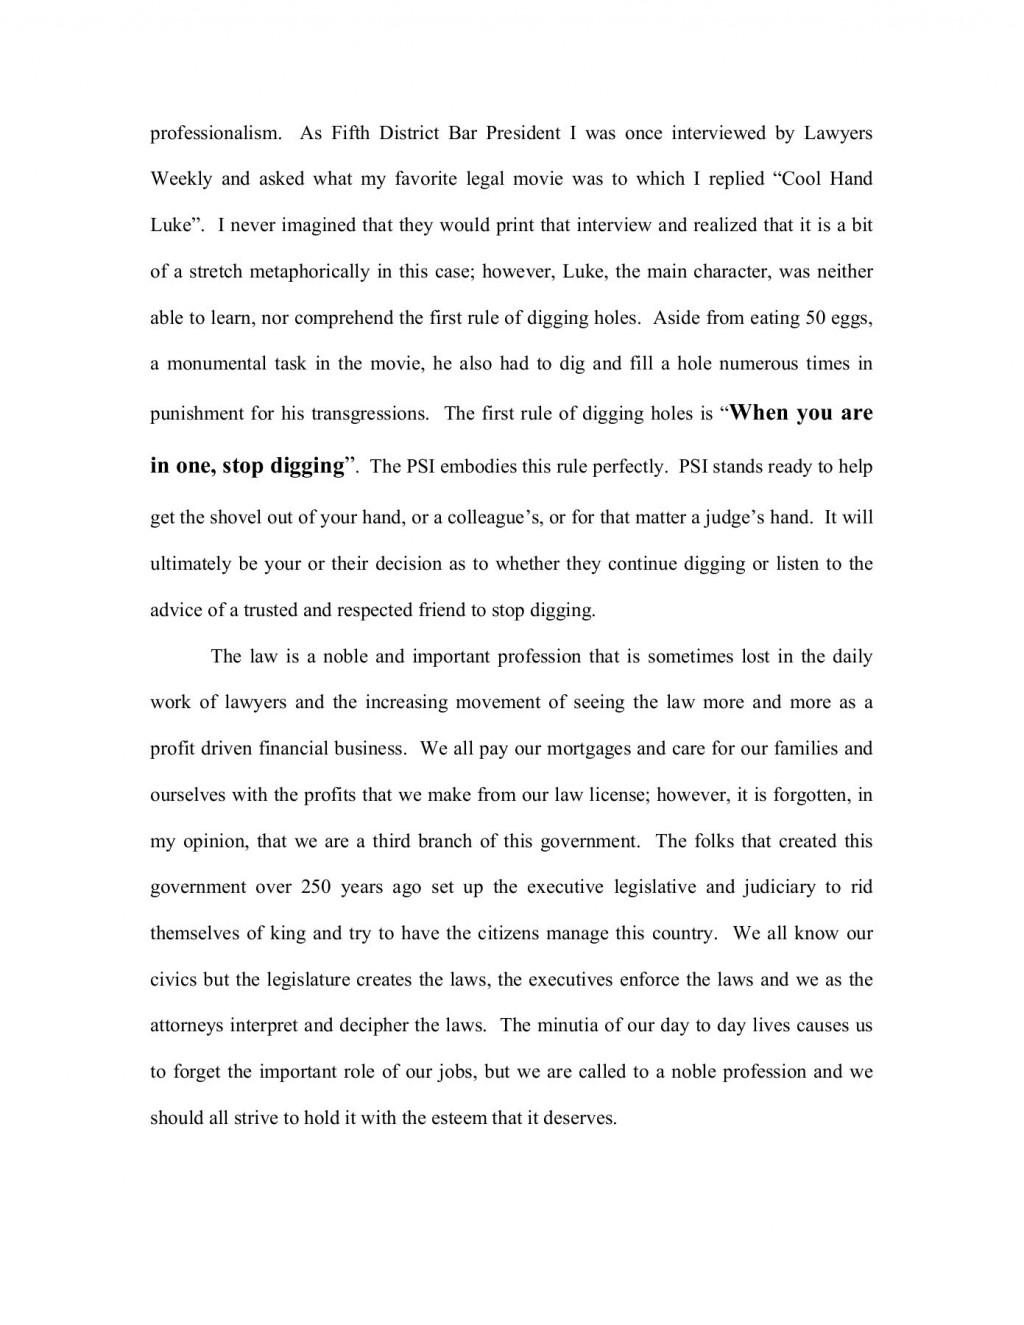 020 Professionalism Essay Sensational Pdf Conclusion Teacher Large